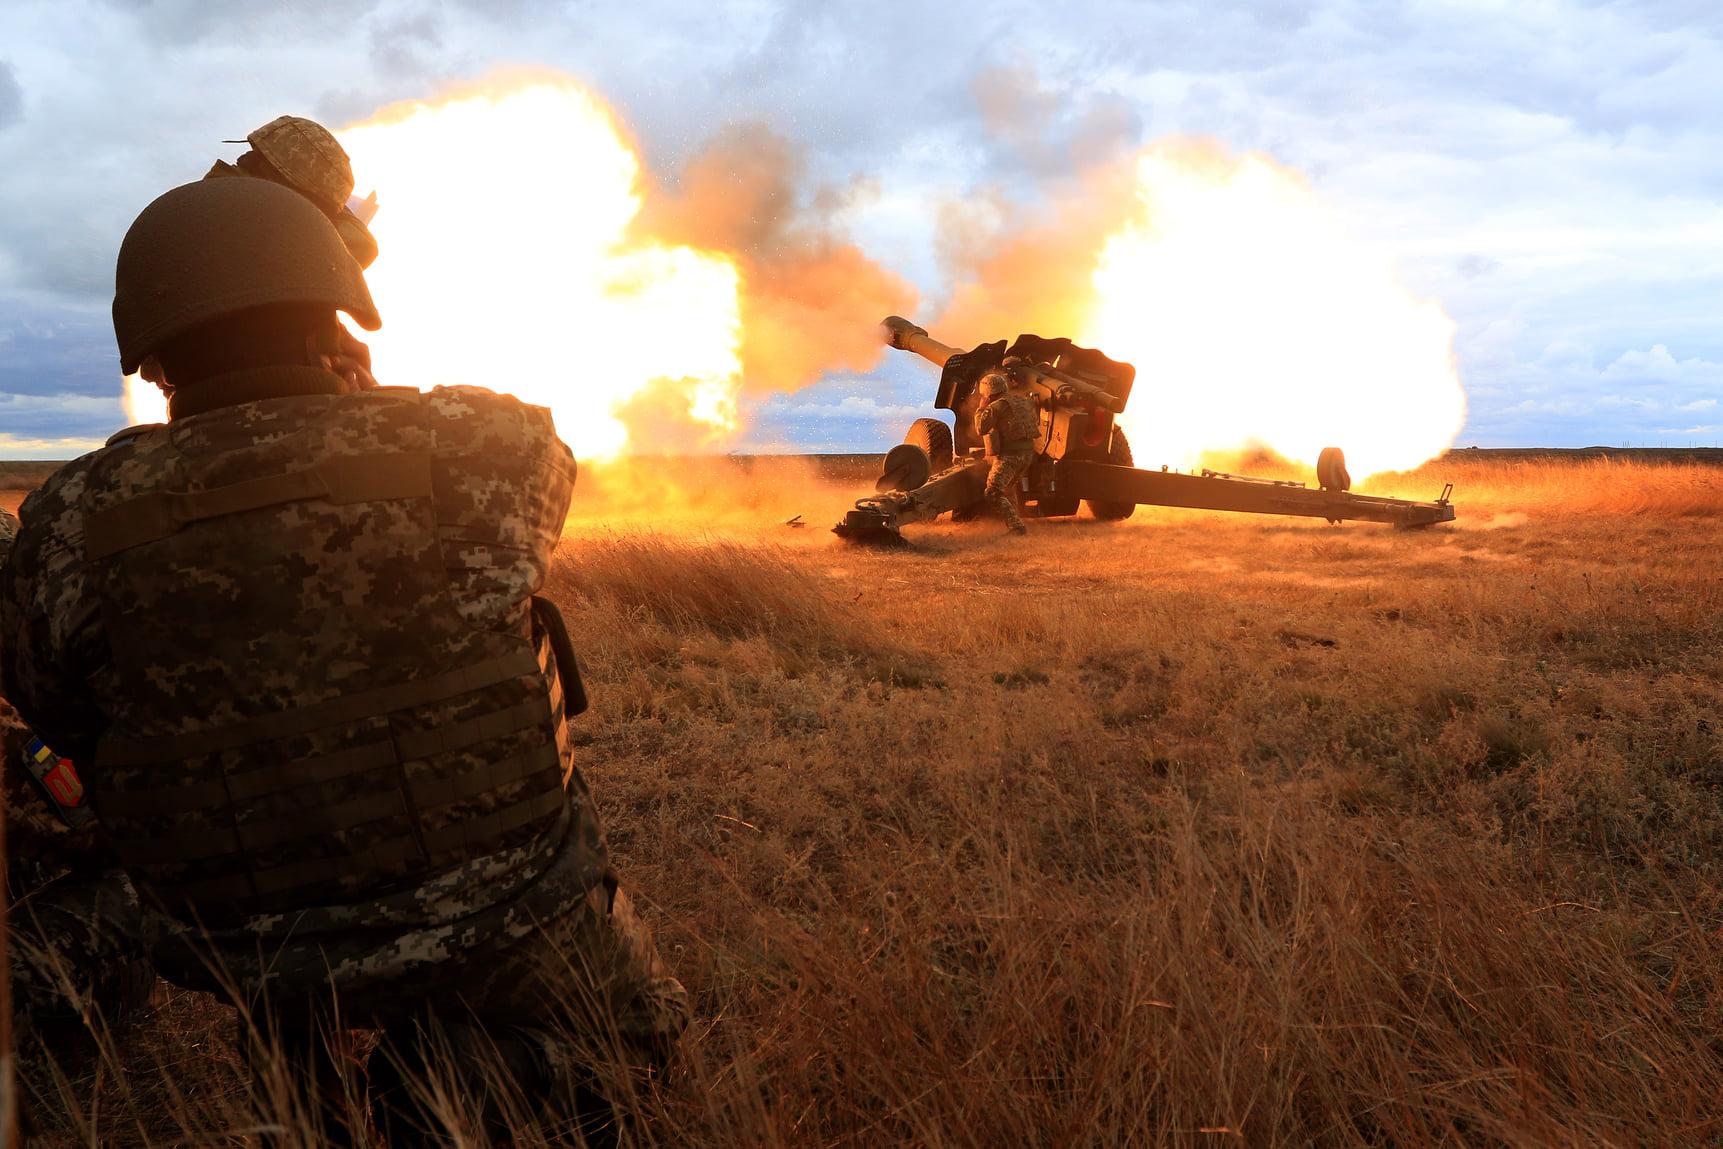 Показали максимальные возможности ЗРК. Фото и видео боевых пусков на Объединенных усилиях